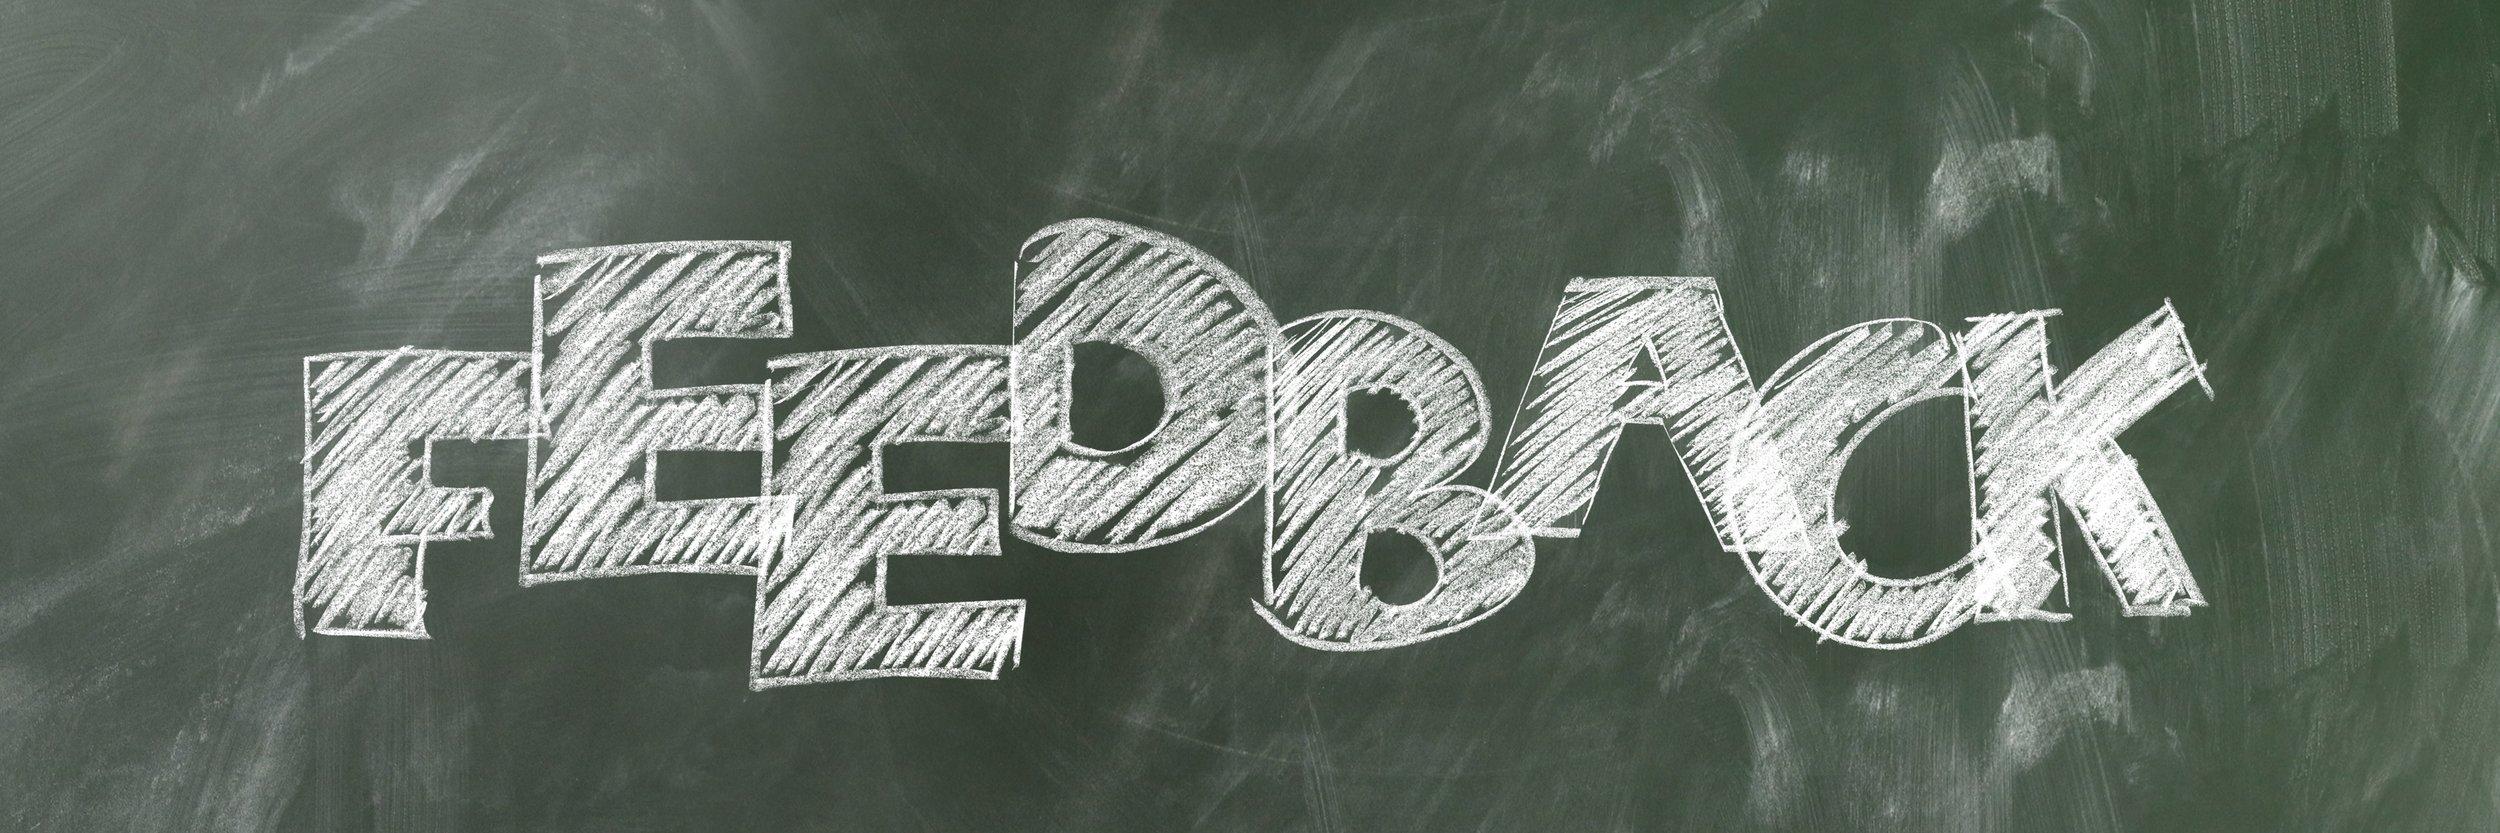 blackboard-chalk-chalkboard-533425.jpg